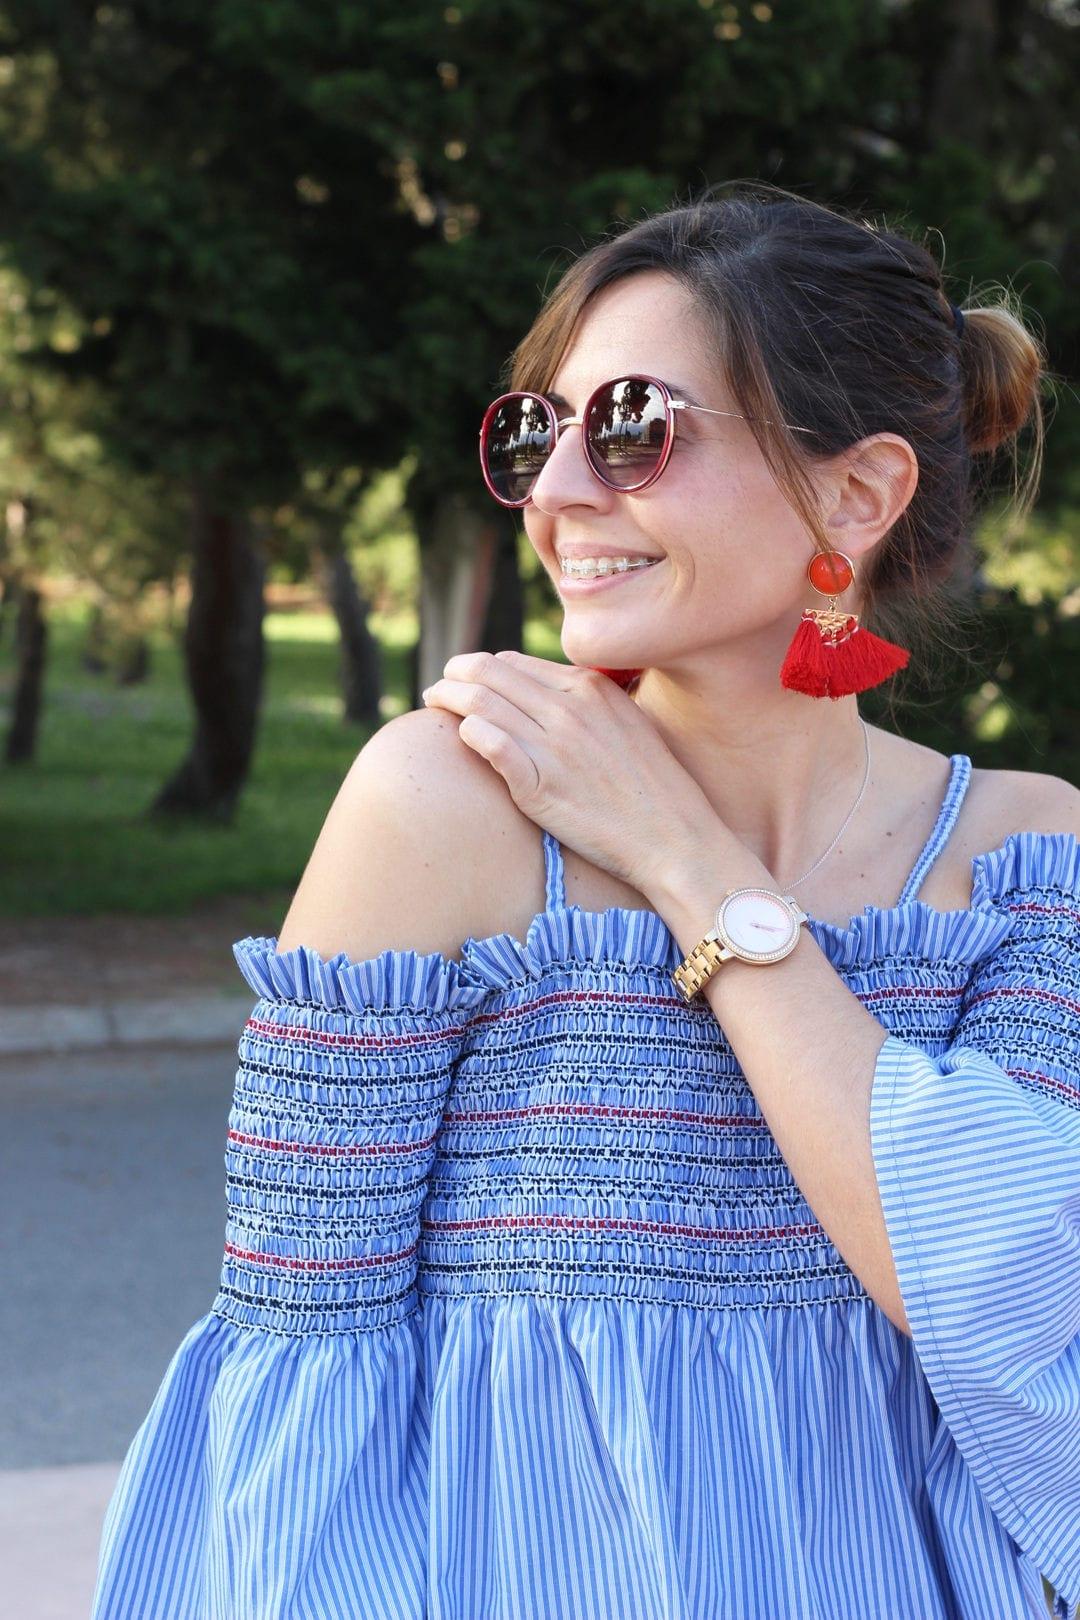 blogger moda sandalias rojas Forever 21 top azul tienda Valvoa Moda Zaragoza